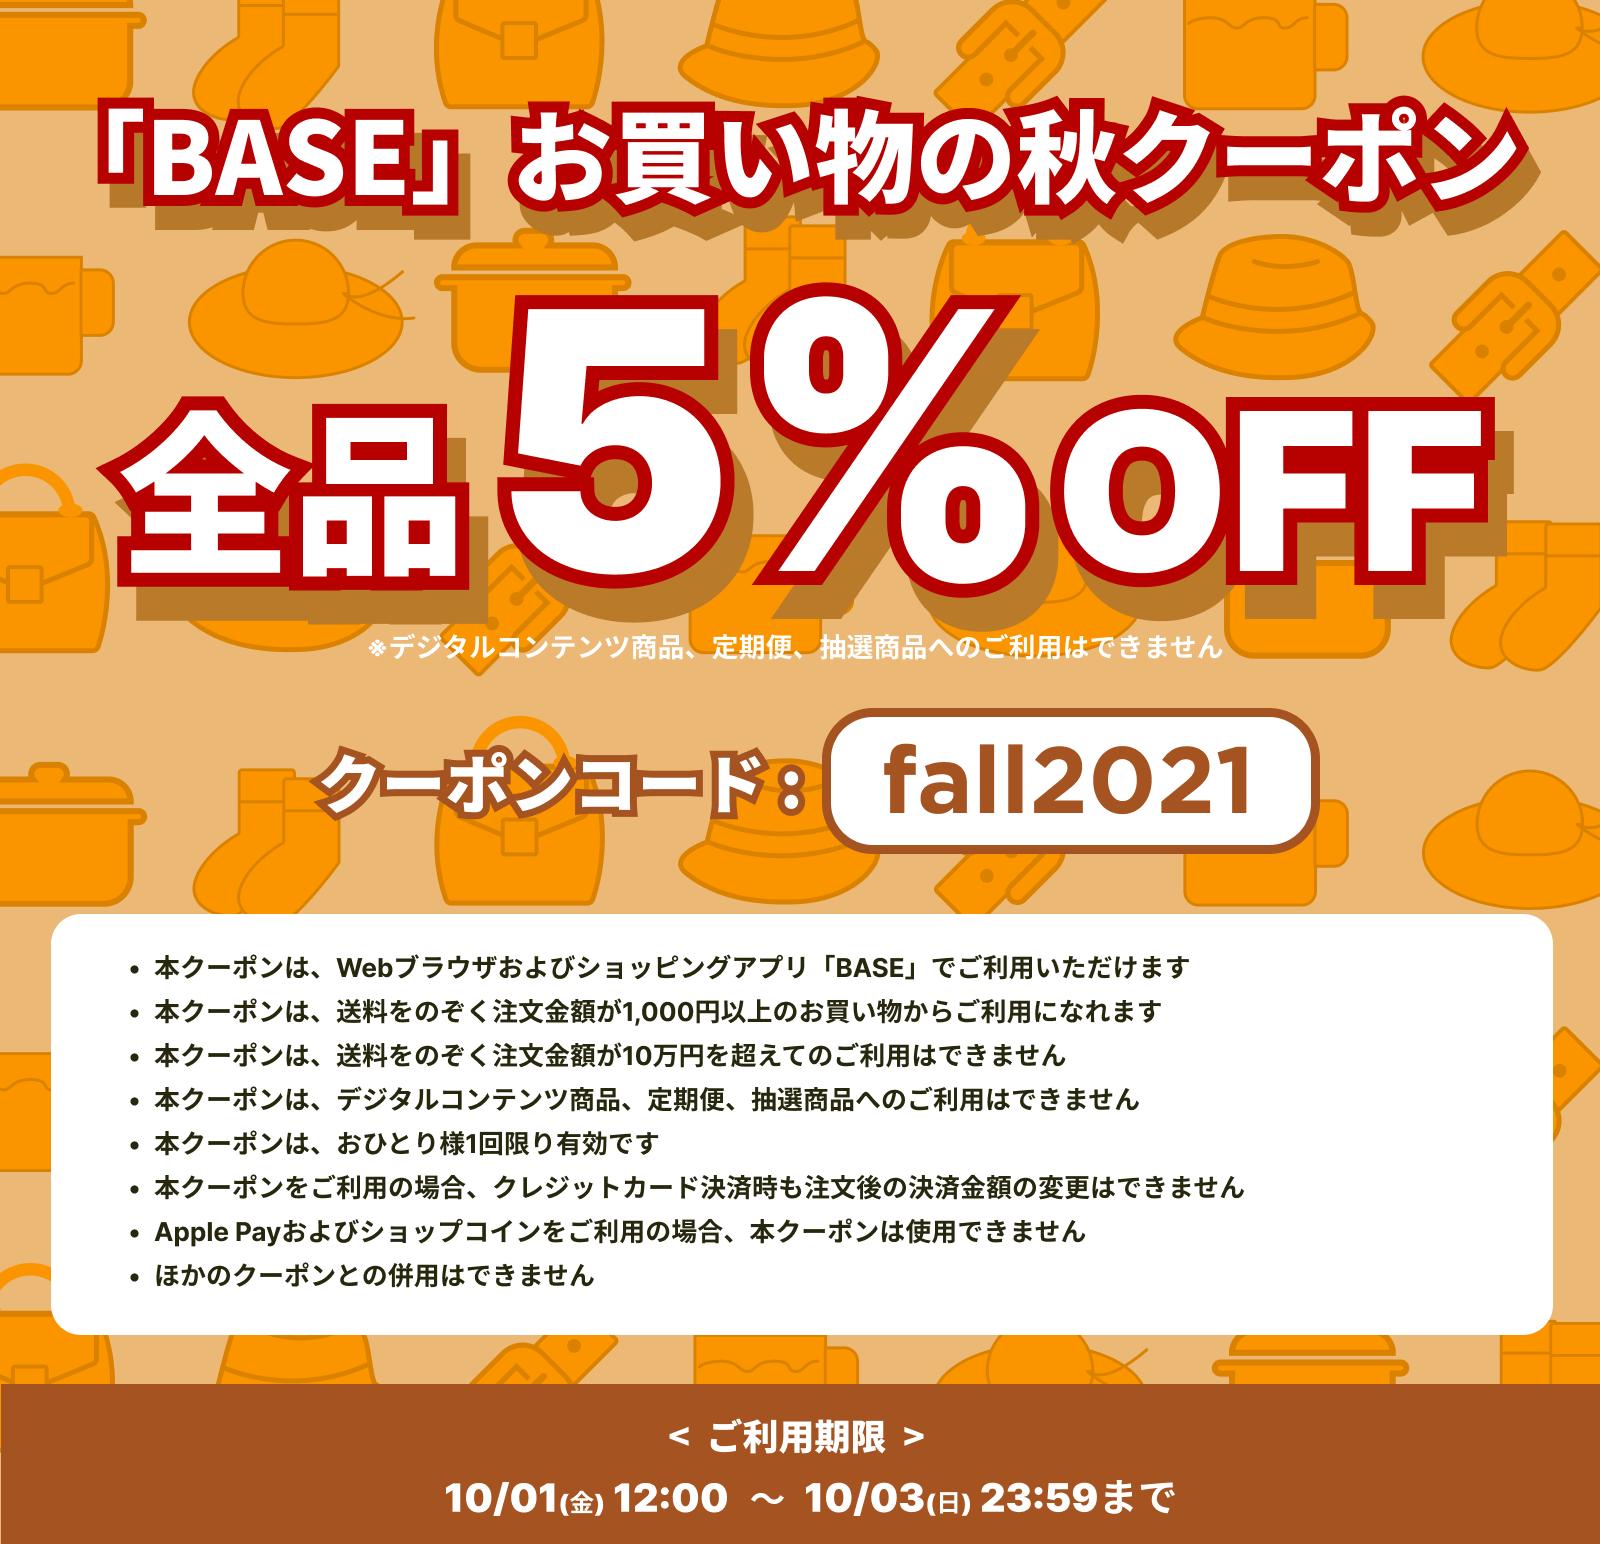 【10/1~10/3 期間限定】「BASE」お買い物の秋クーポンキャンペーン!お得な5%OFF